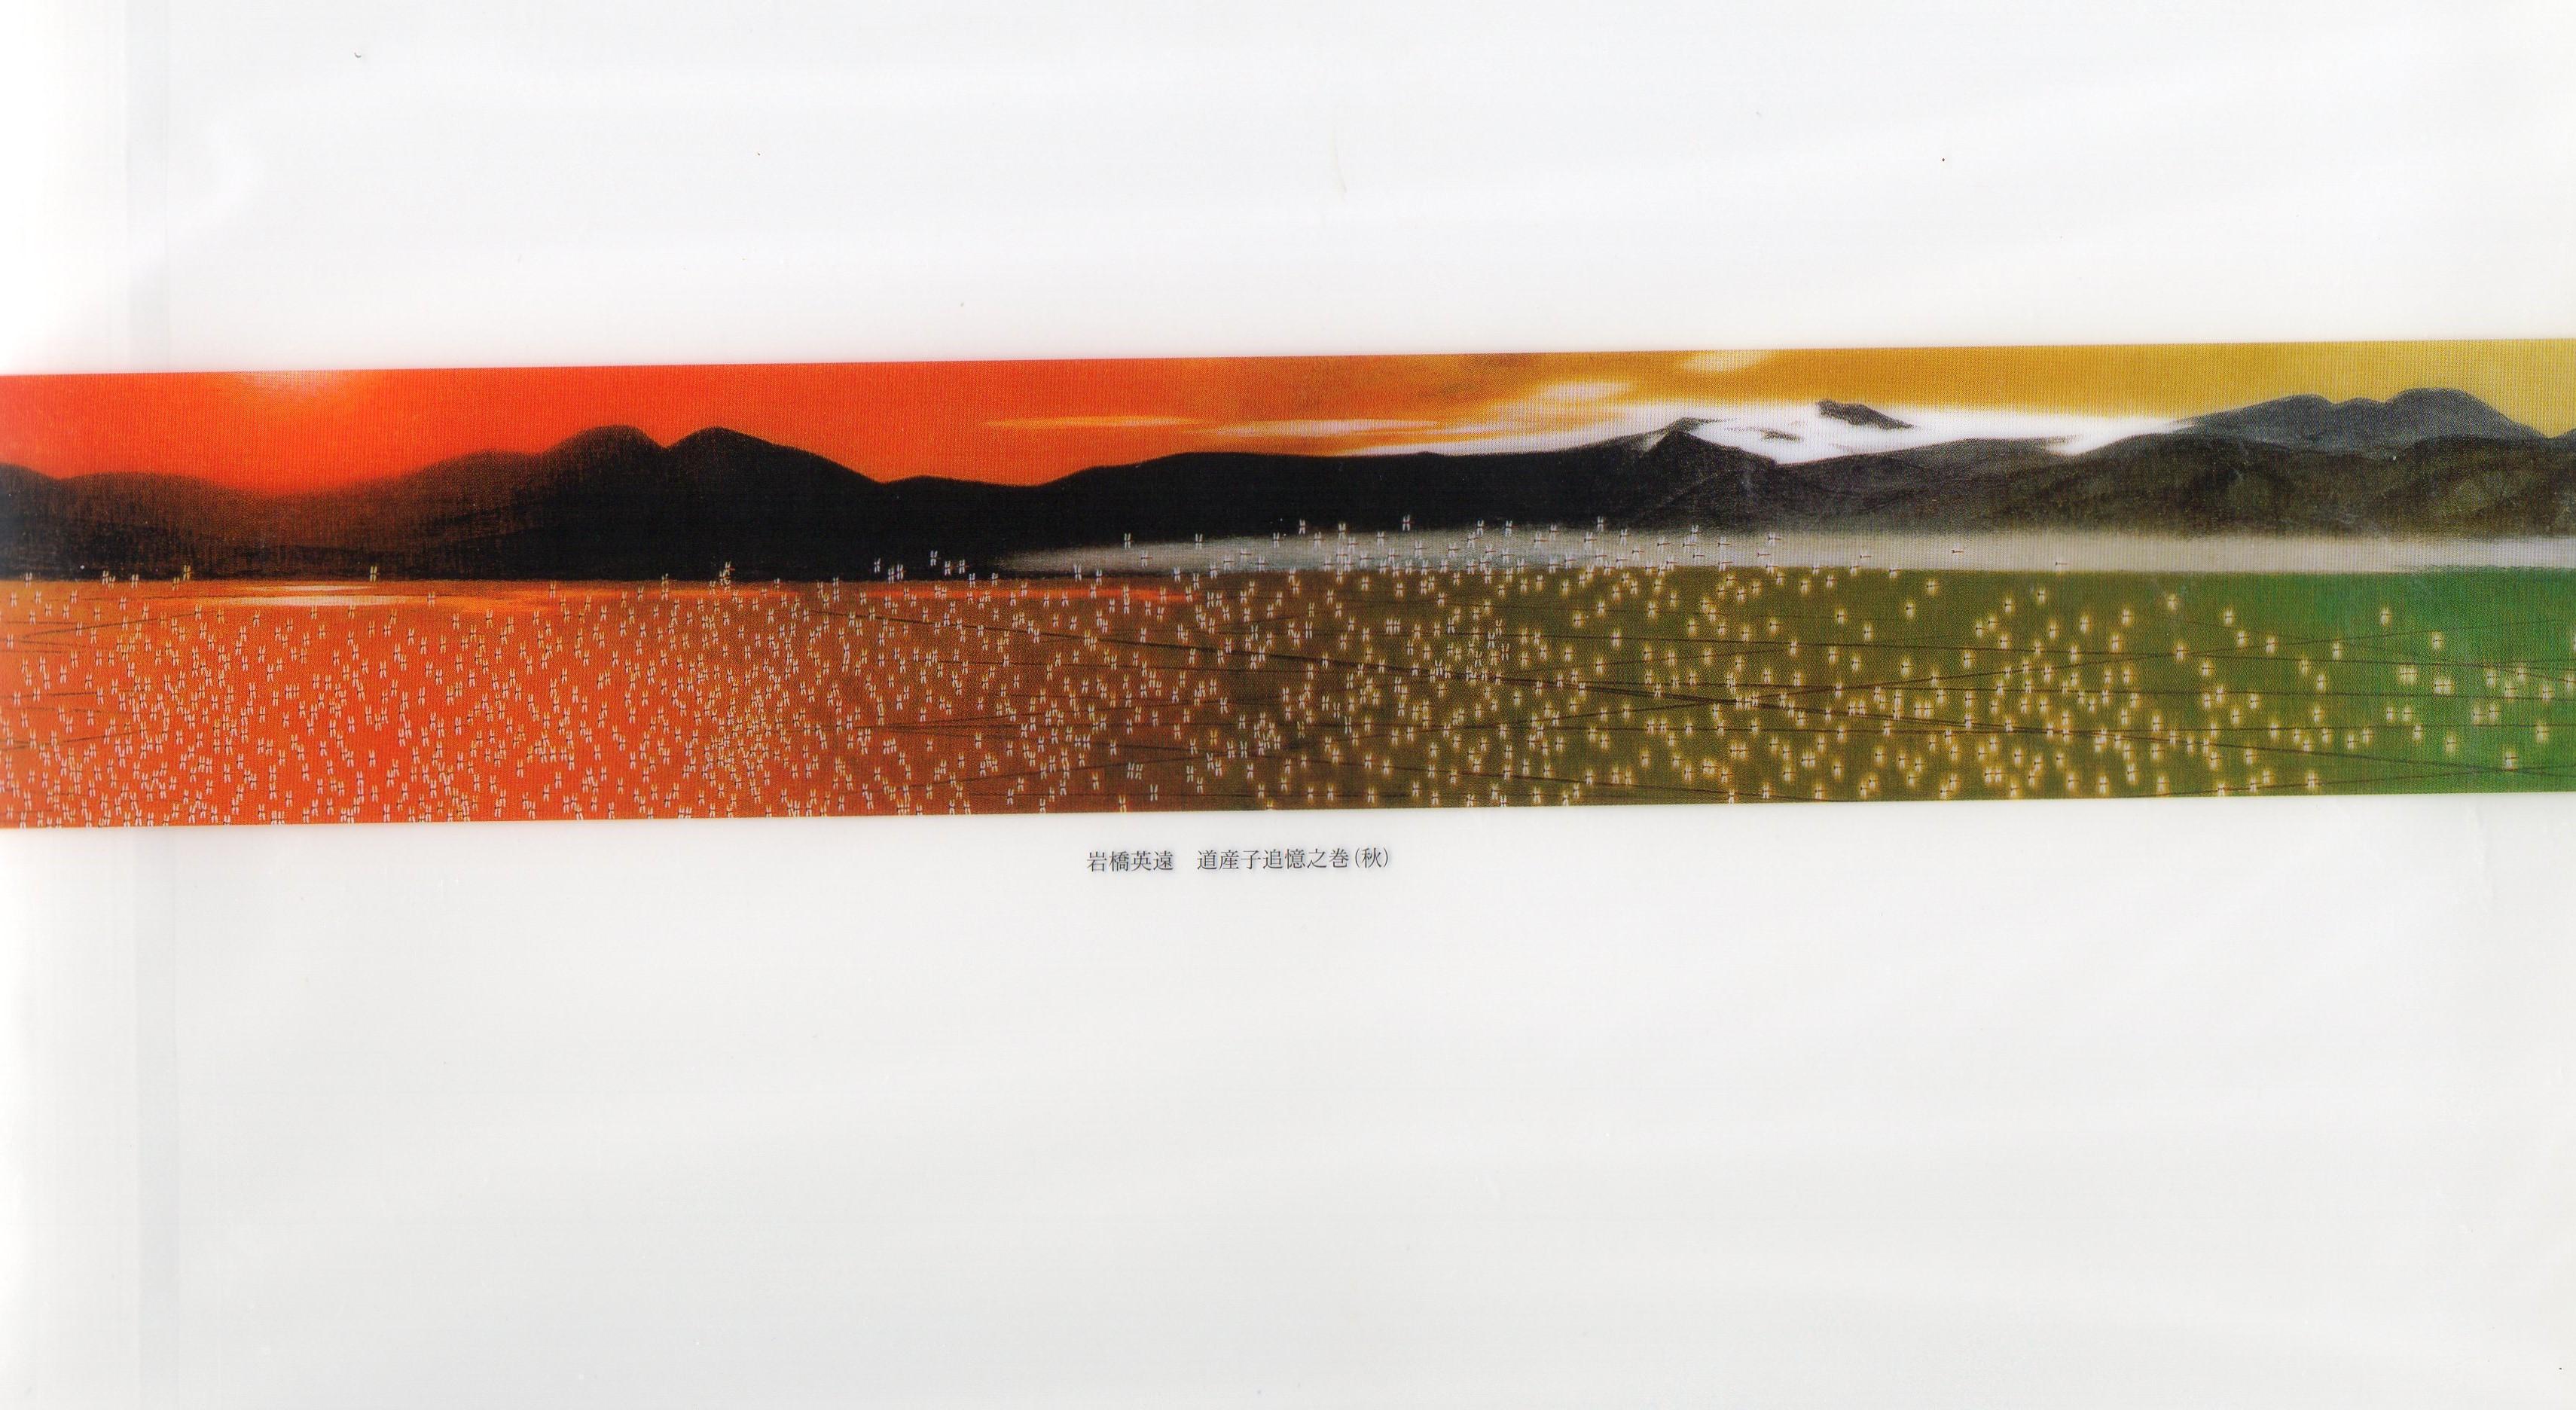 北海道平和婦人会60年」のつどいに参加しました | 米田佐代子の「森の ...